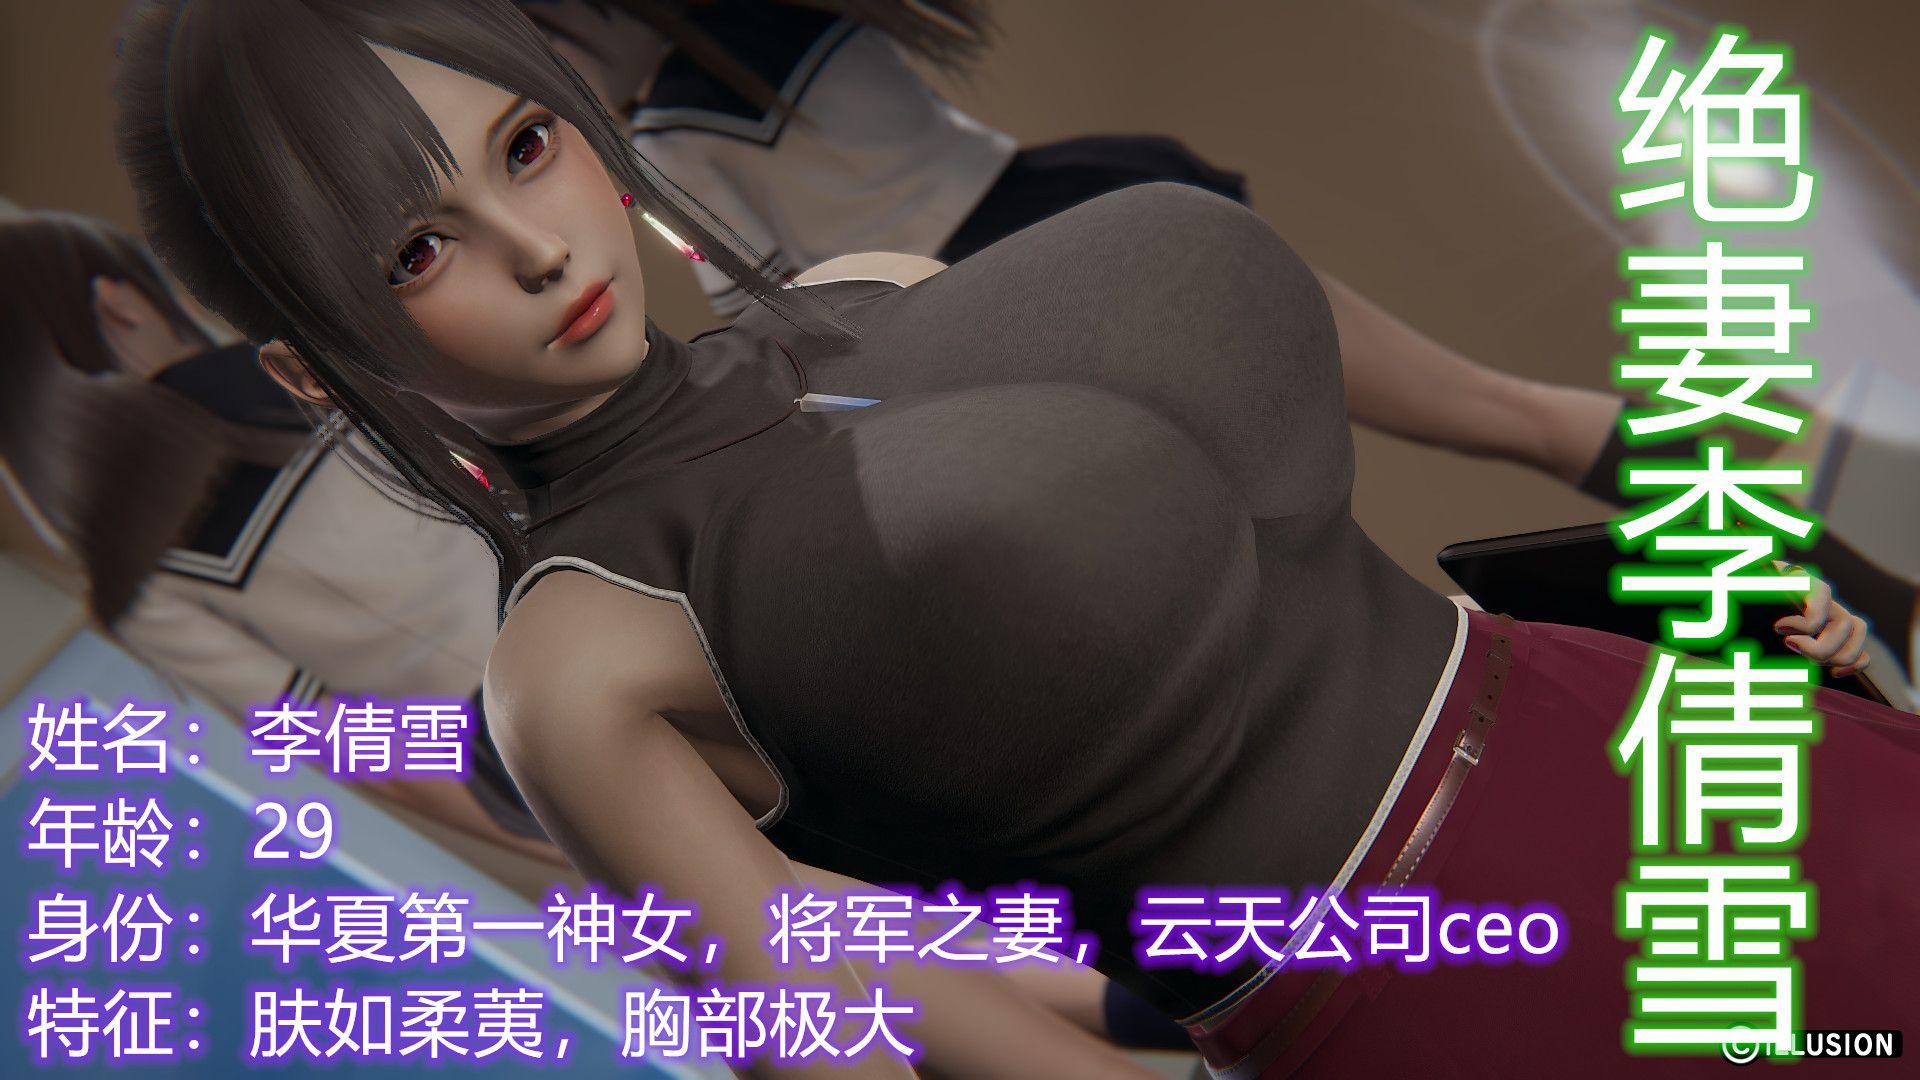 【3D漫画/补档】绝妻林倩雪+韵律操妈妈